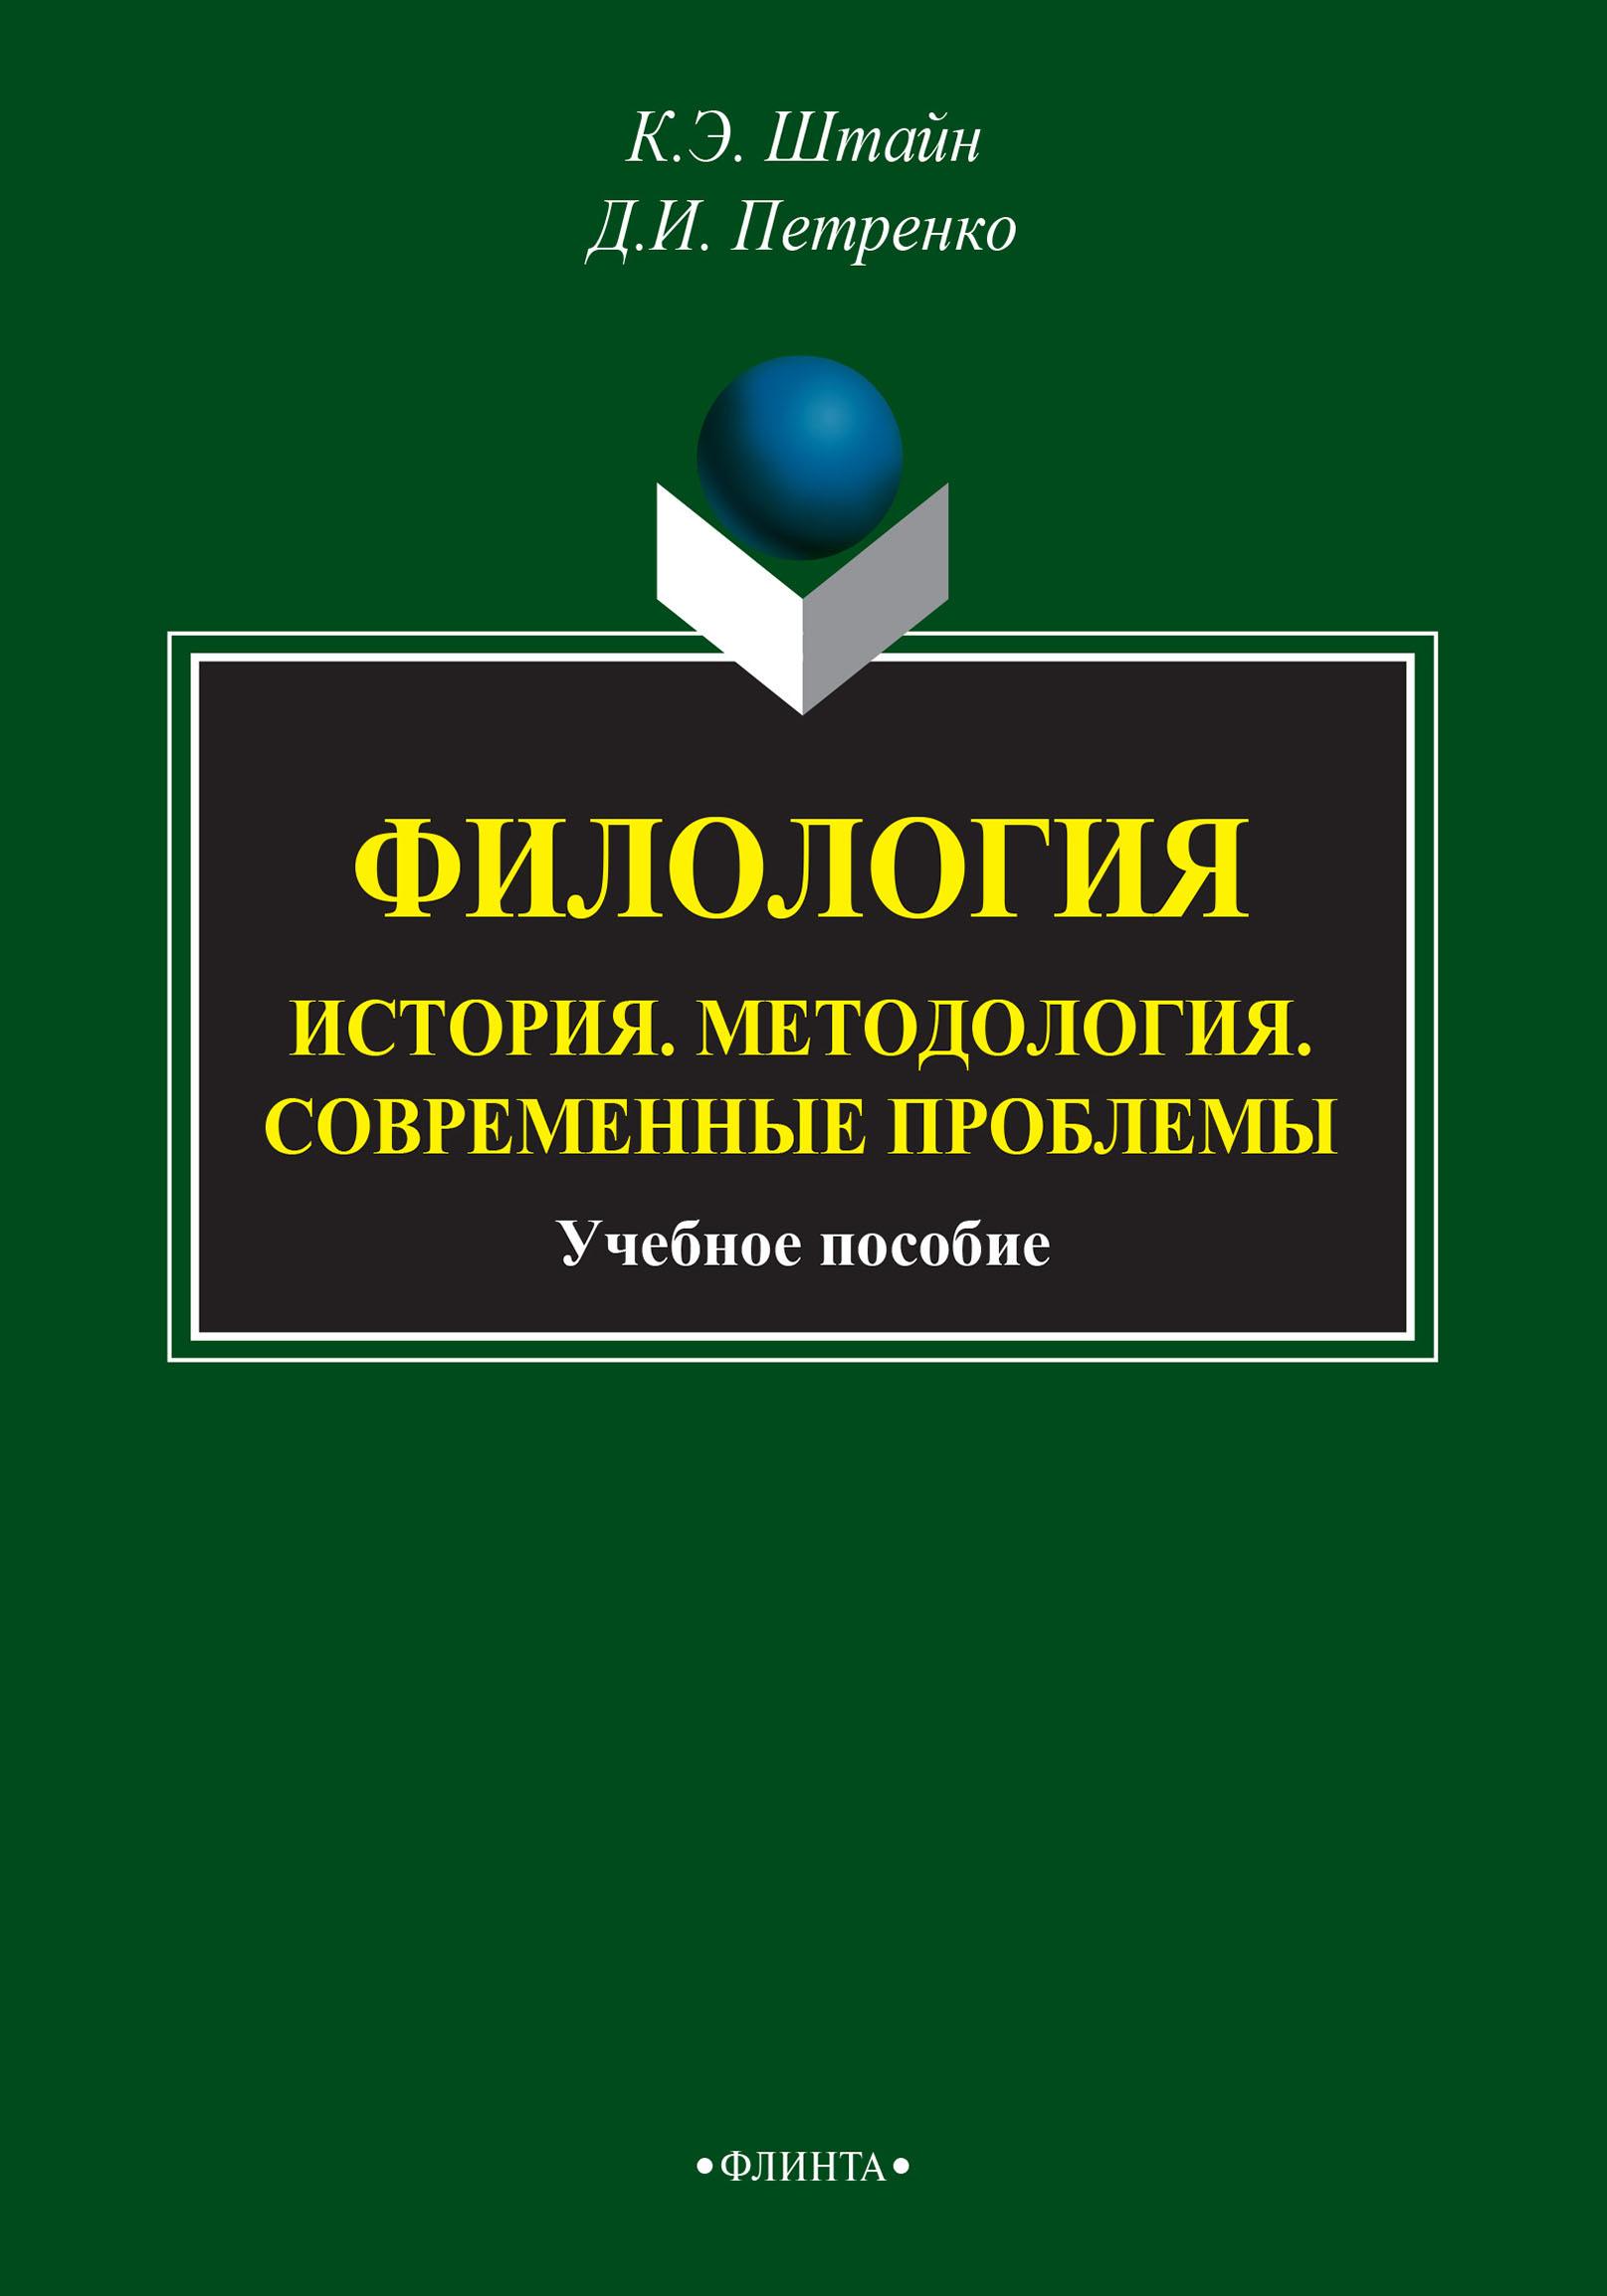 Филология. История. Методология. Современные проблемы ( Клара Эрновна Штайн  )